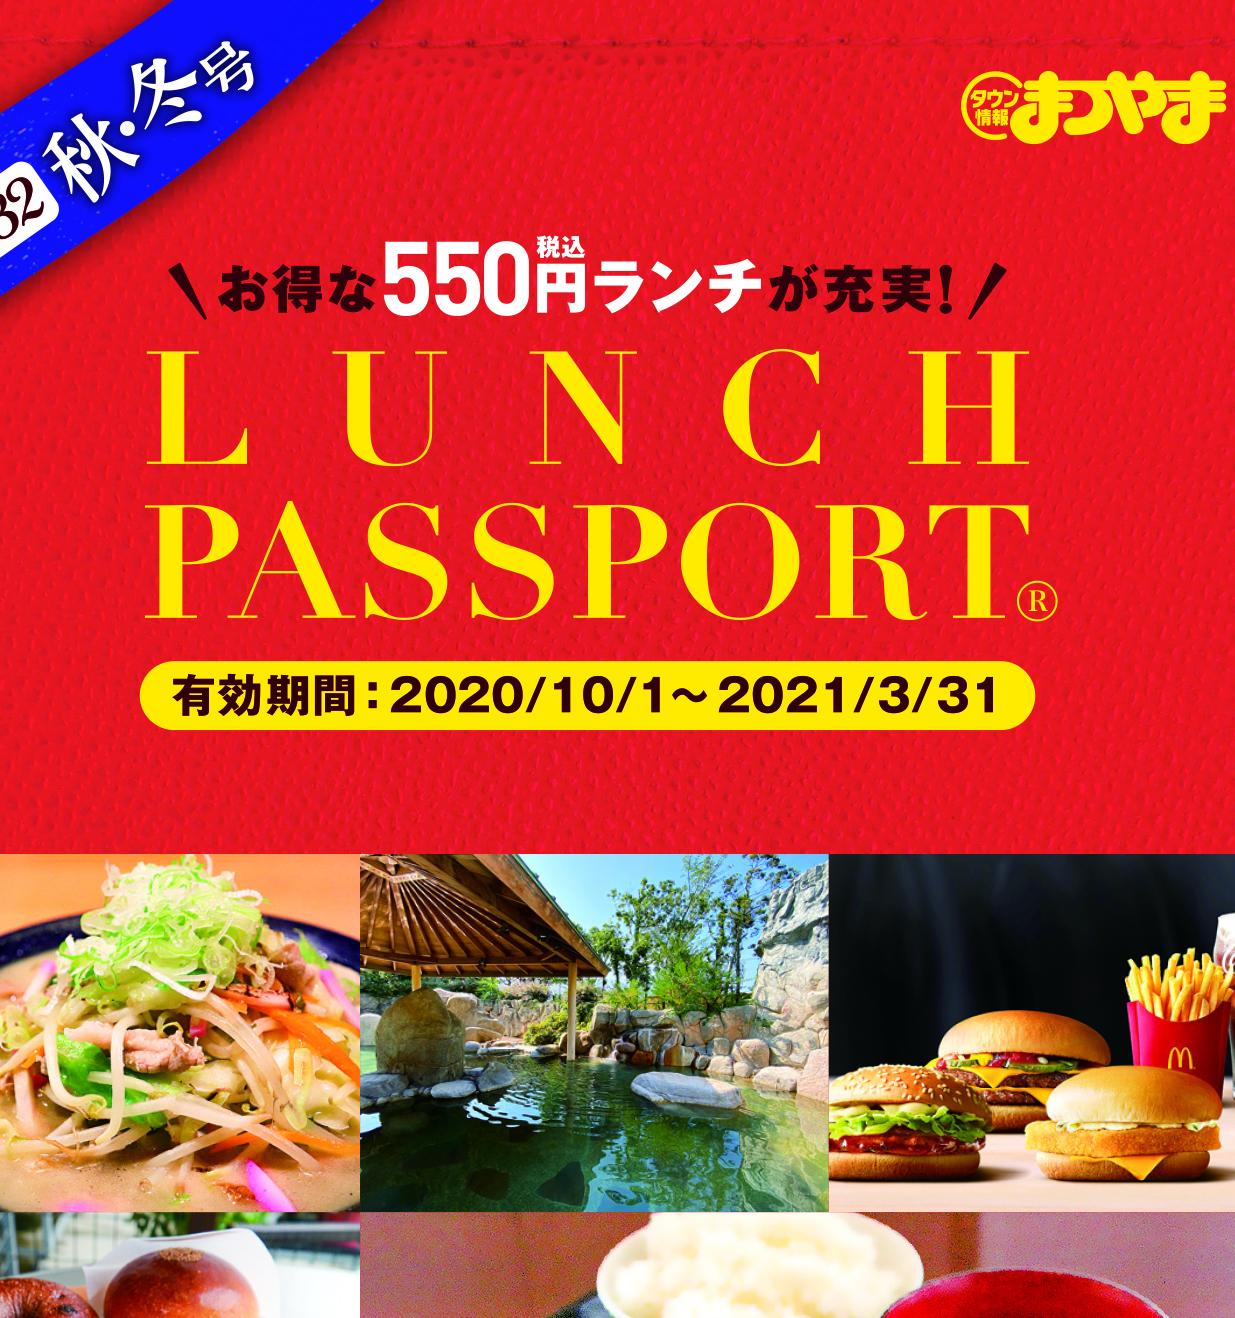 ランチパスポート松山版vol.32(秋冬)最新号発売中